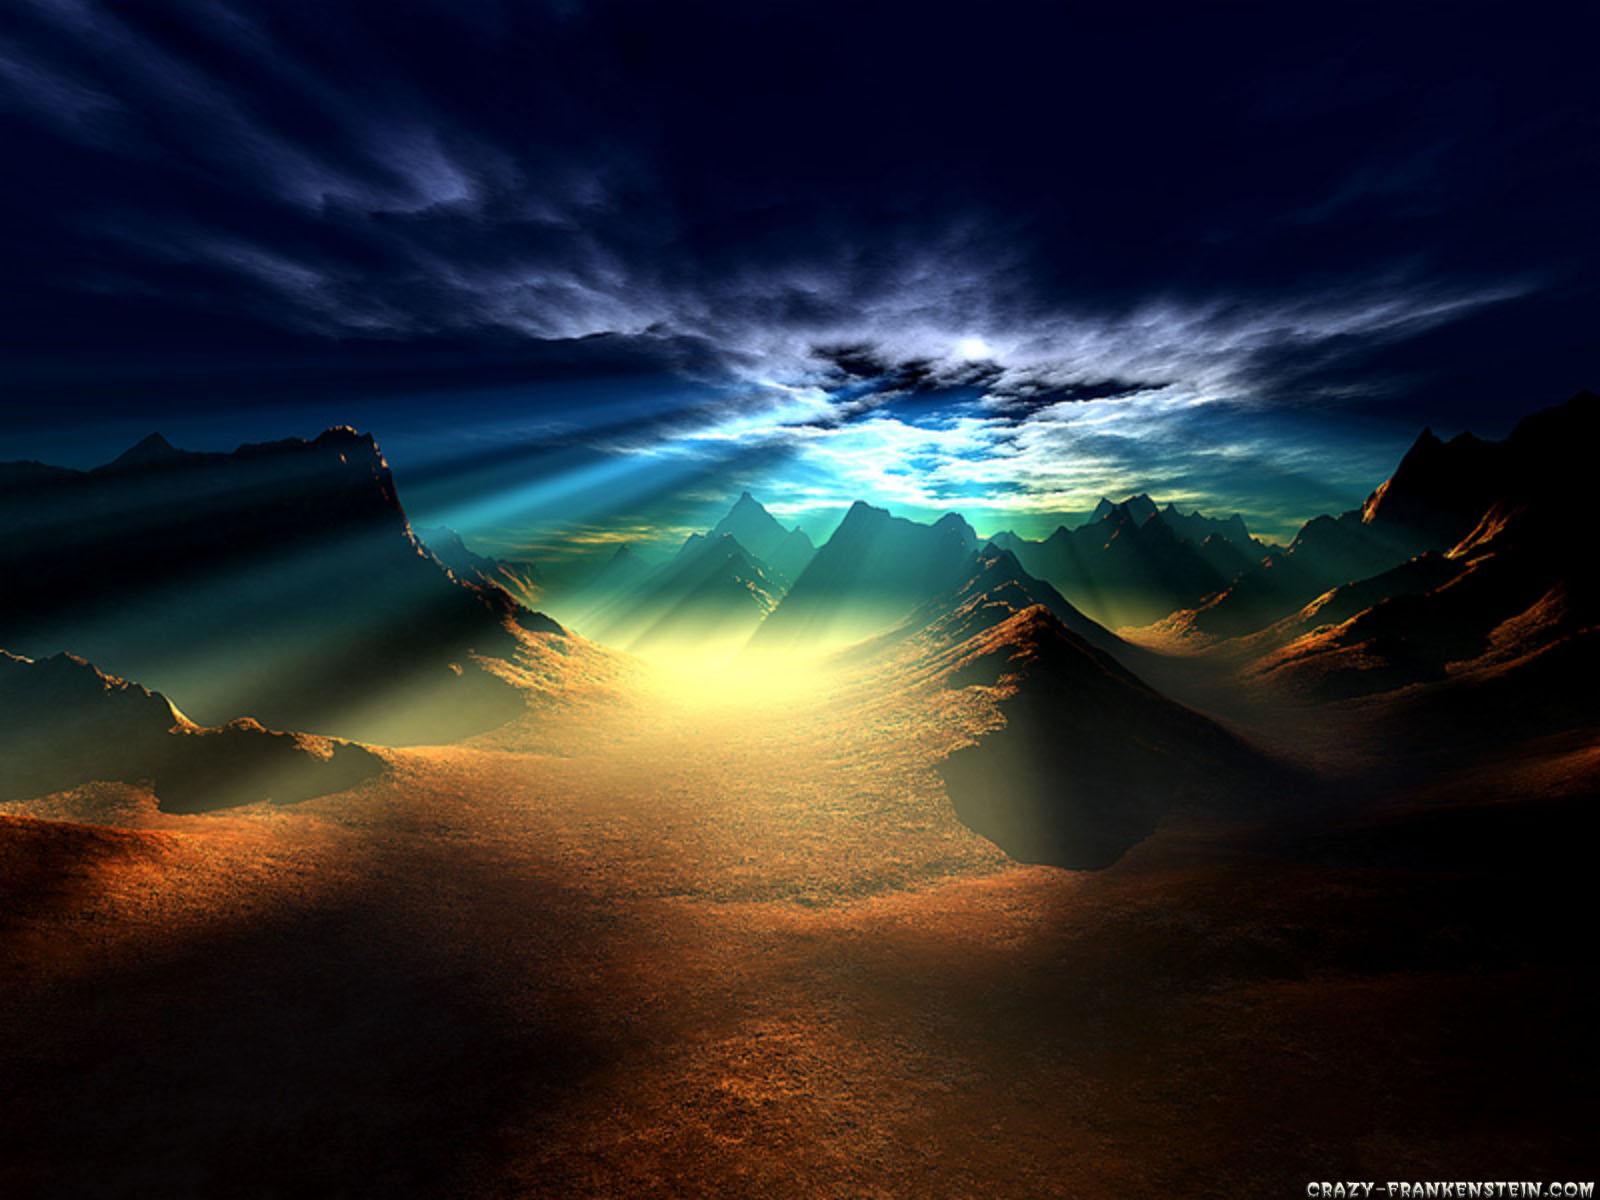 http://4.bp.blogspot.com/-S-7cSsoVKww/UF_kt3Ht1eI/AAAAAAAAHpo/pG3gBhUOxVA/s1600/The+Dark+Holy+Mountain.jpeg